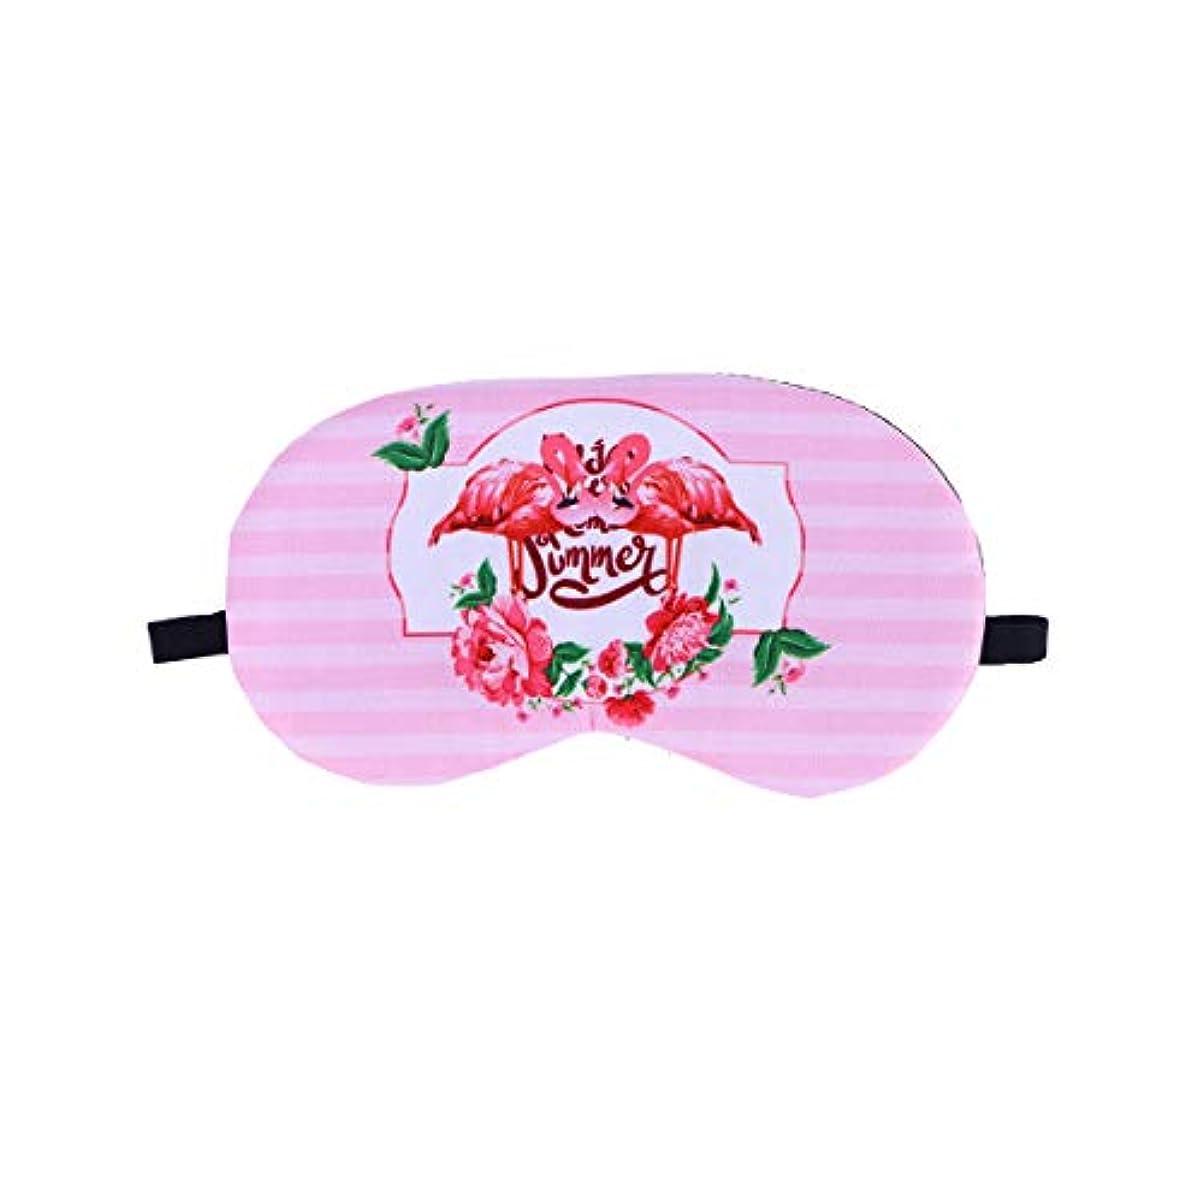 にぎやか家畜バラ色SUPVOX フラミンゴアイマスク動物睡眠トラベリング目隠しアイカバー(ピンク)